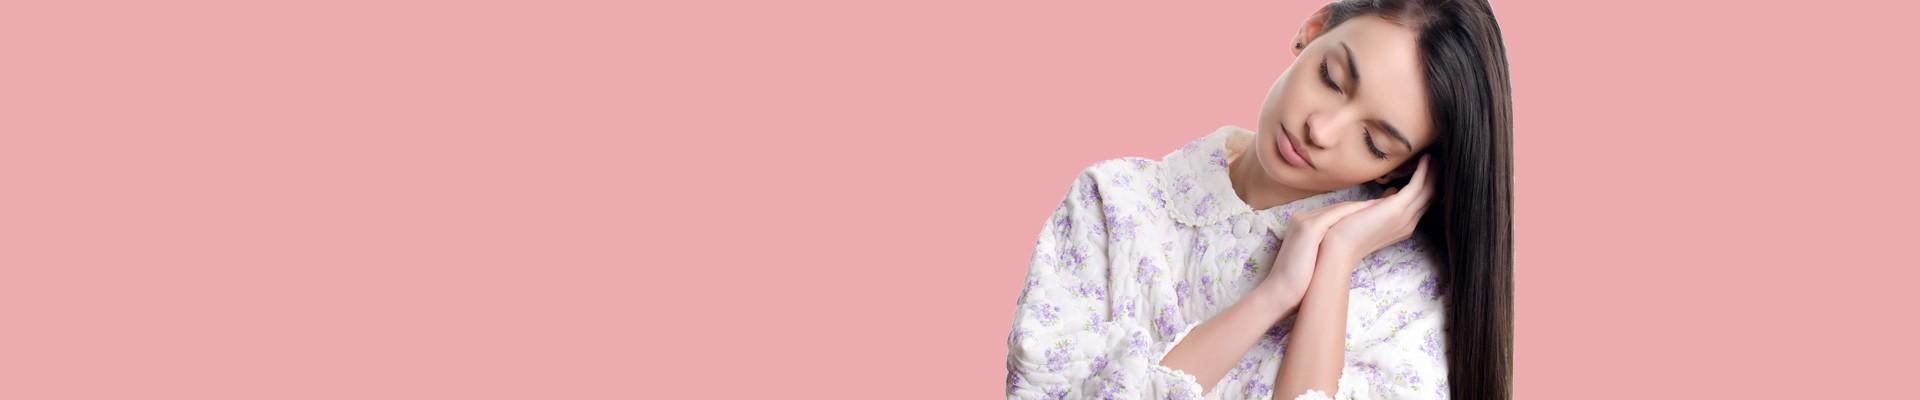 Jual Baju Tidur Wanita dari Harga Termurah